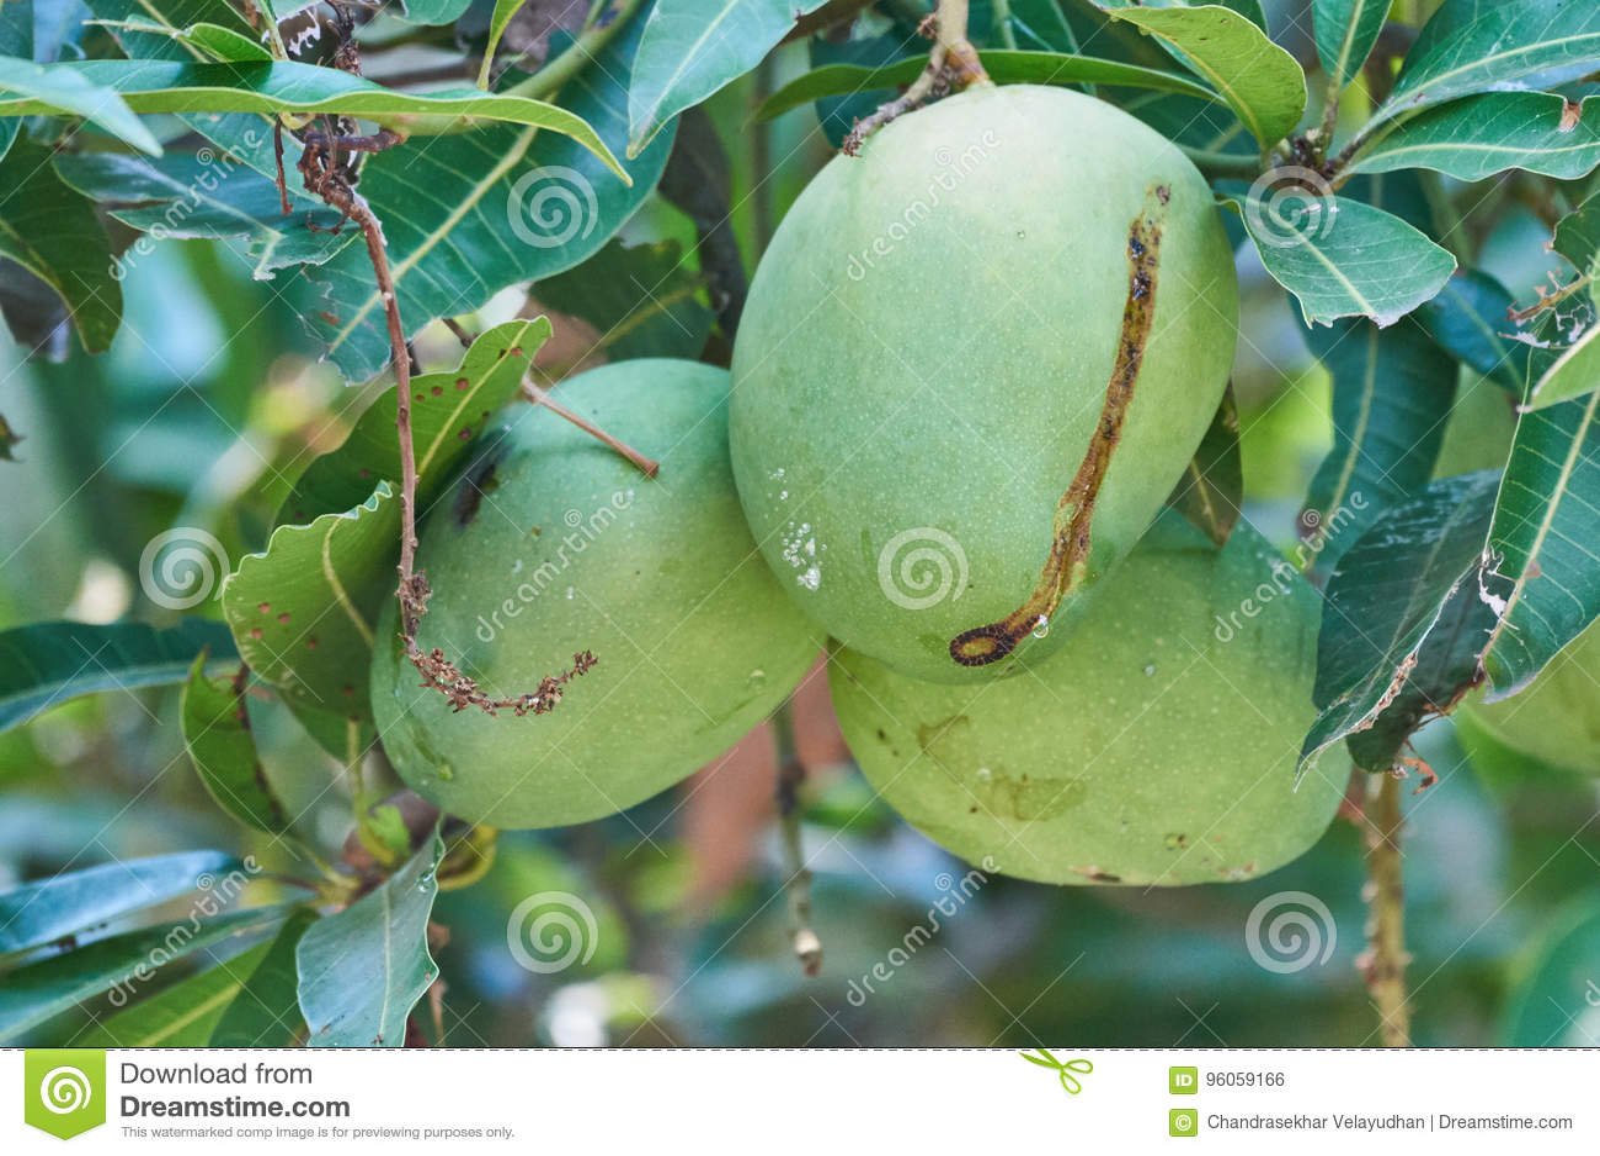 Trois mangues vertes pendant d un arbre